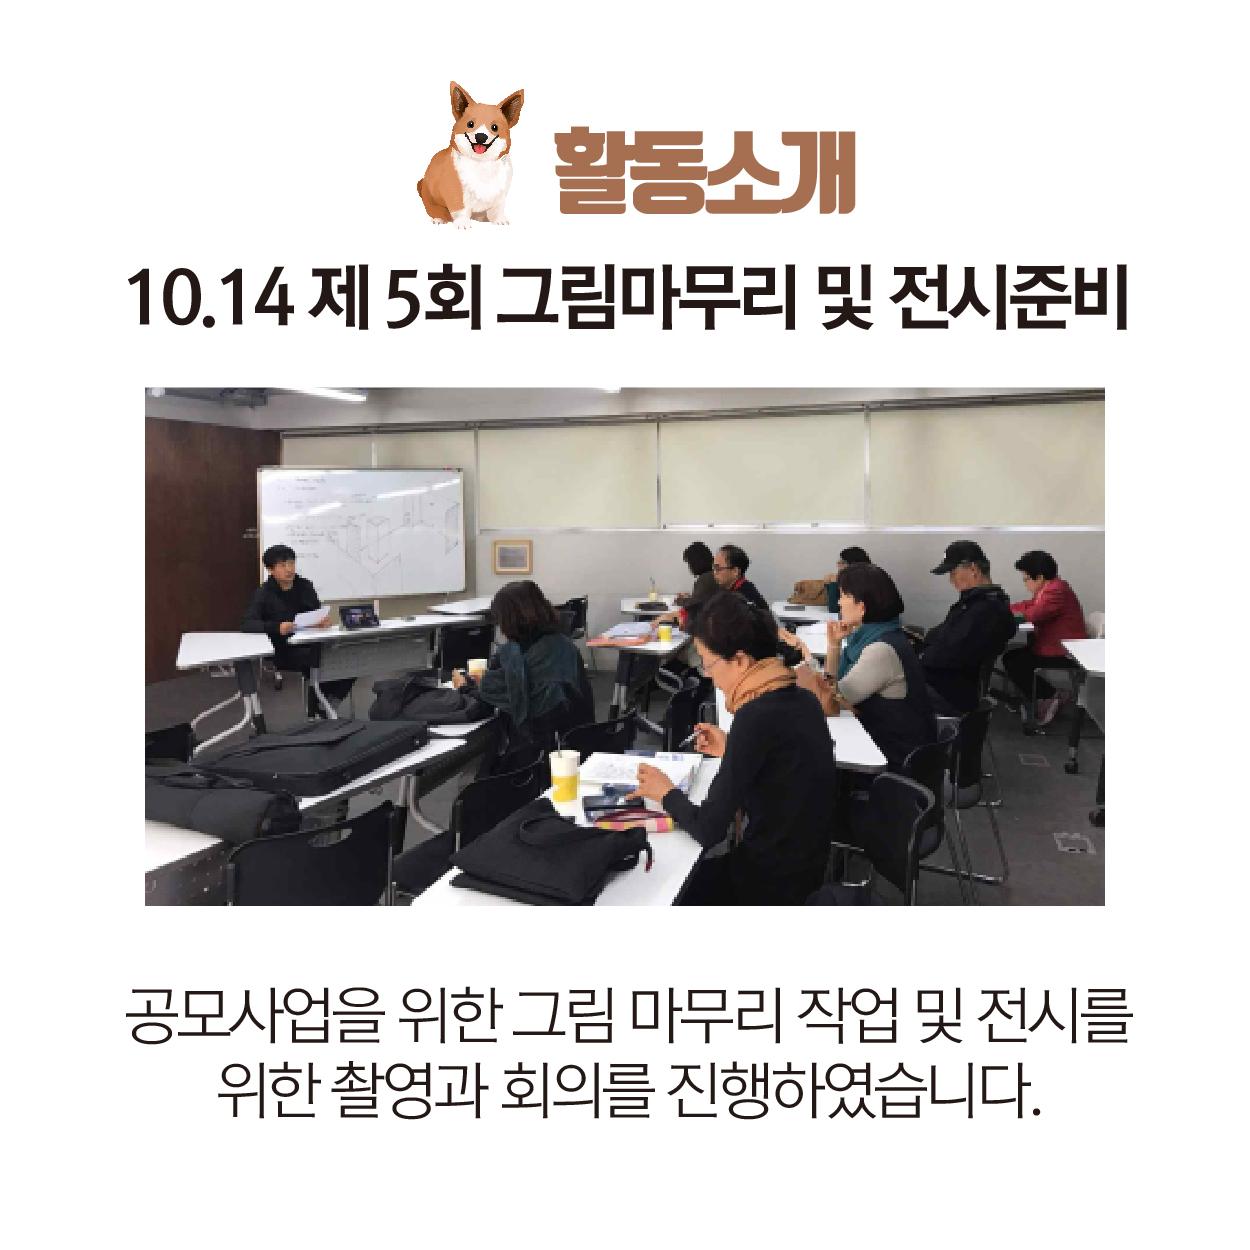 [서울시 생활속민주주의 학습지원센터] 2017 생활속민주주의 시민학습 사회참여모임 '그림자'